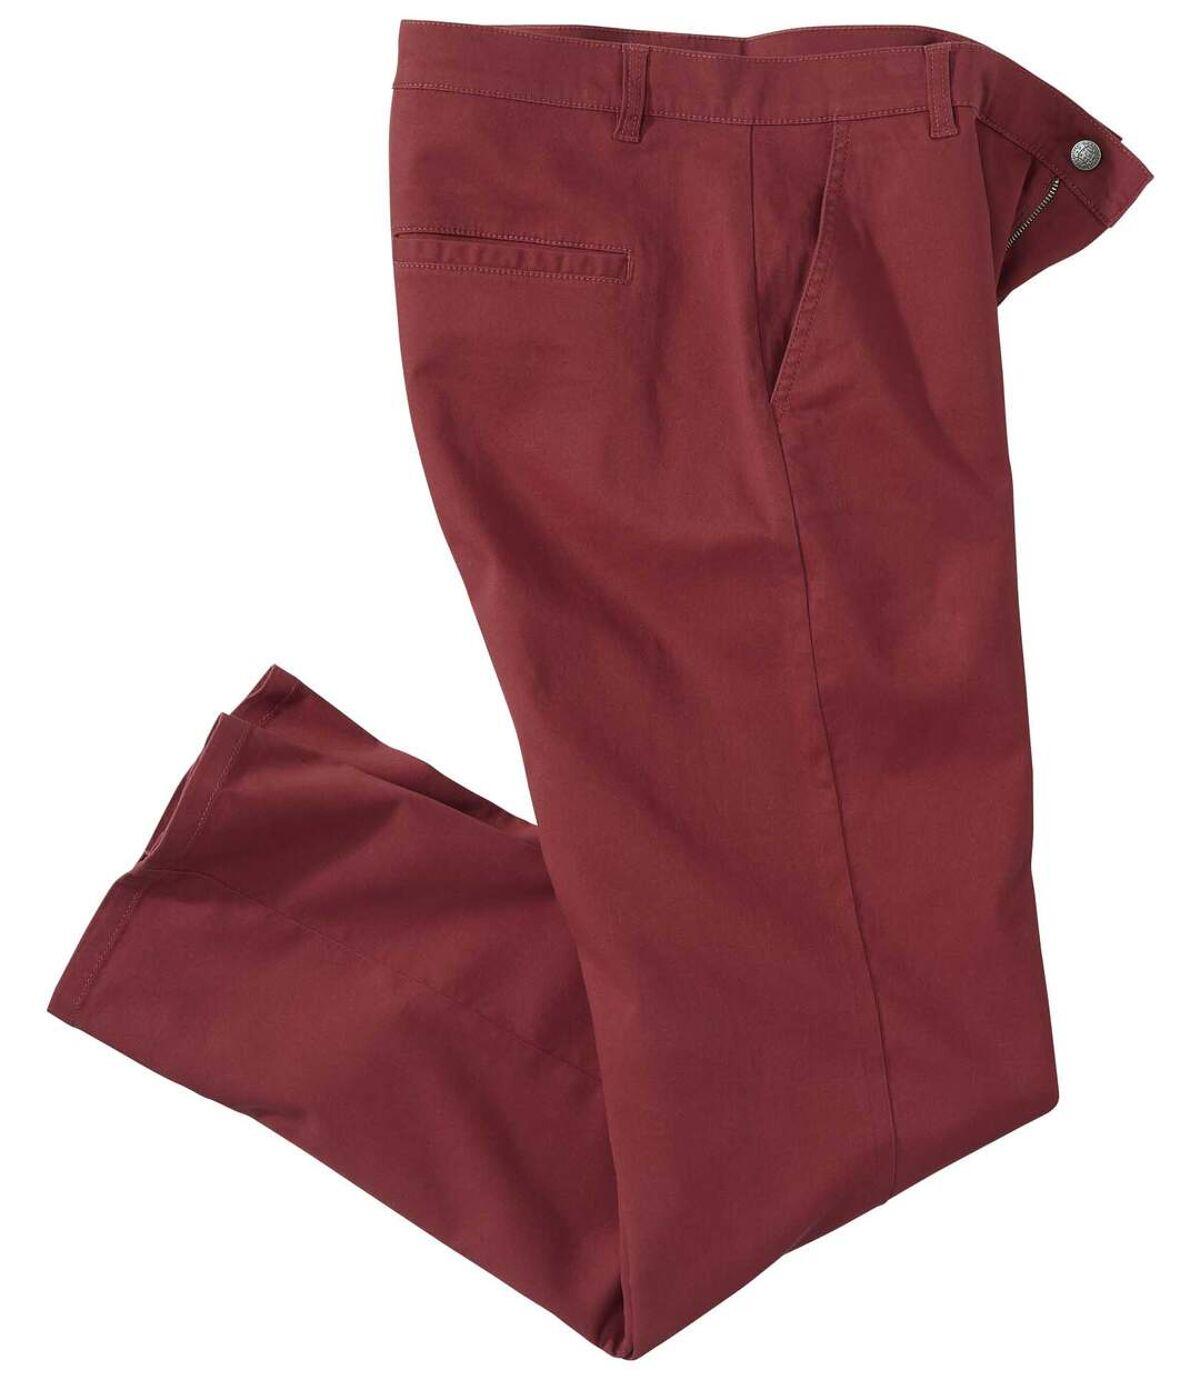 Strečové cihlově červené chino kalhoty  Atlas For Men